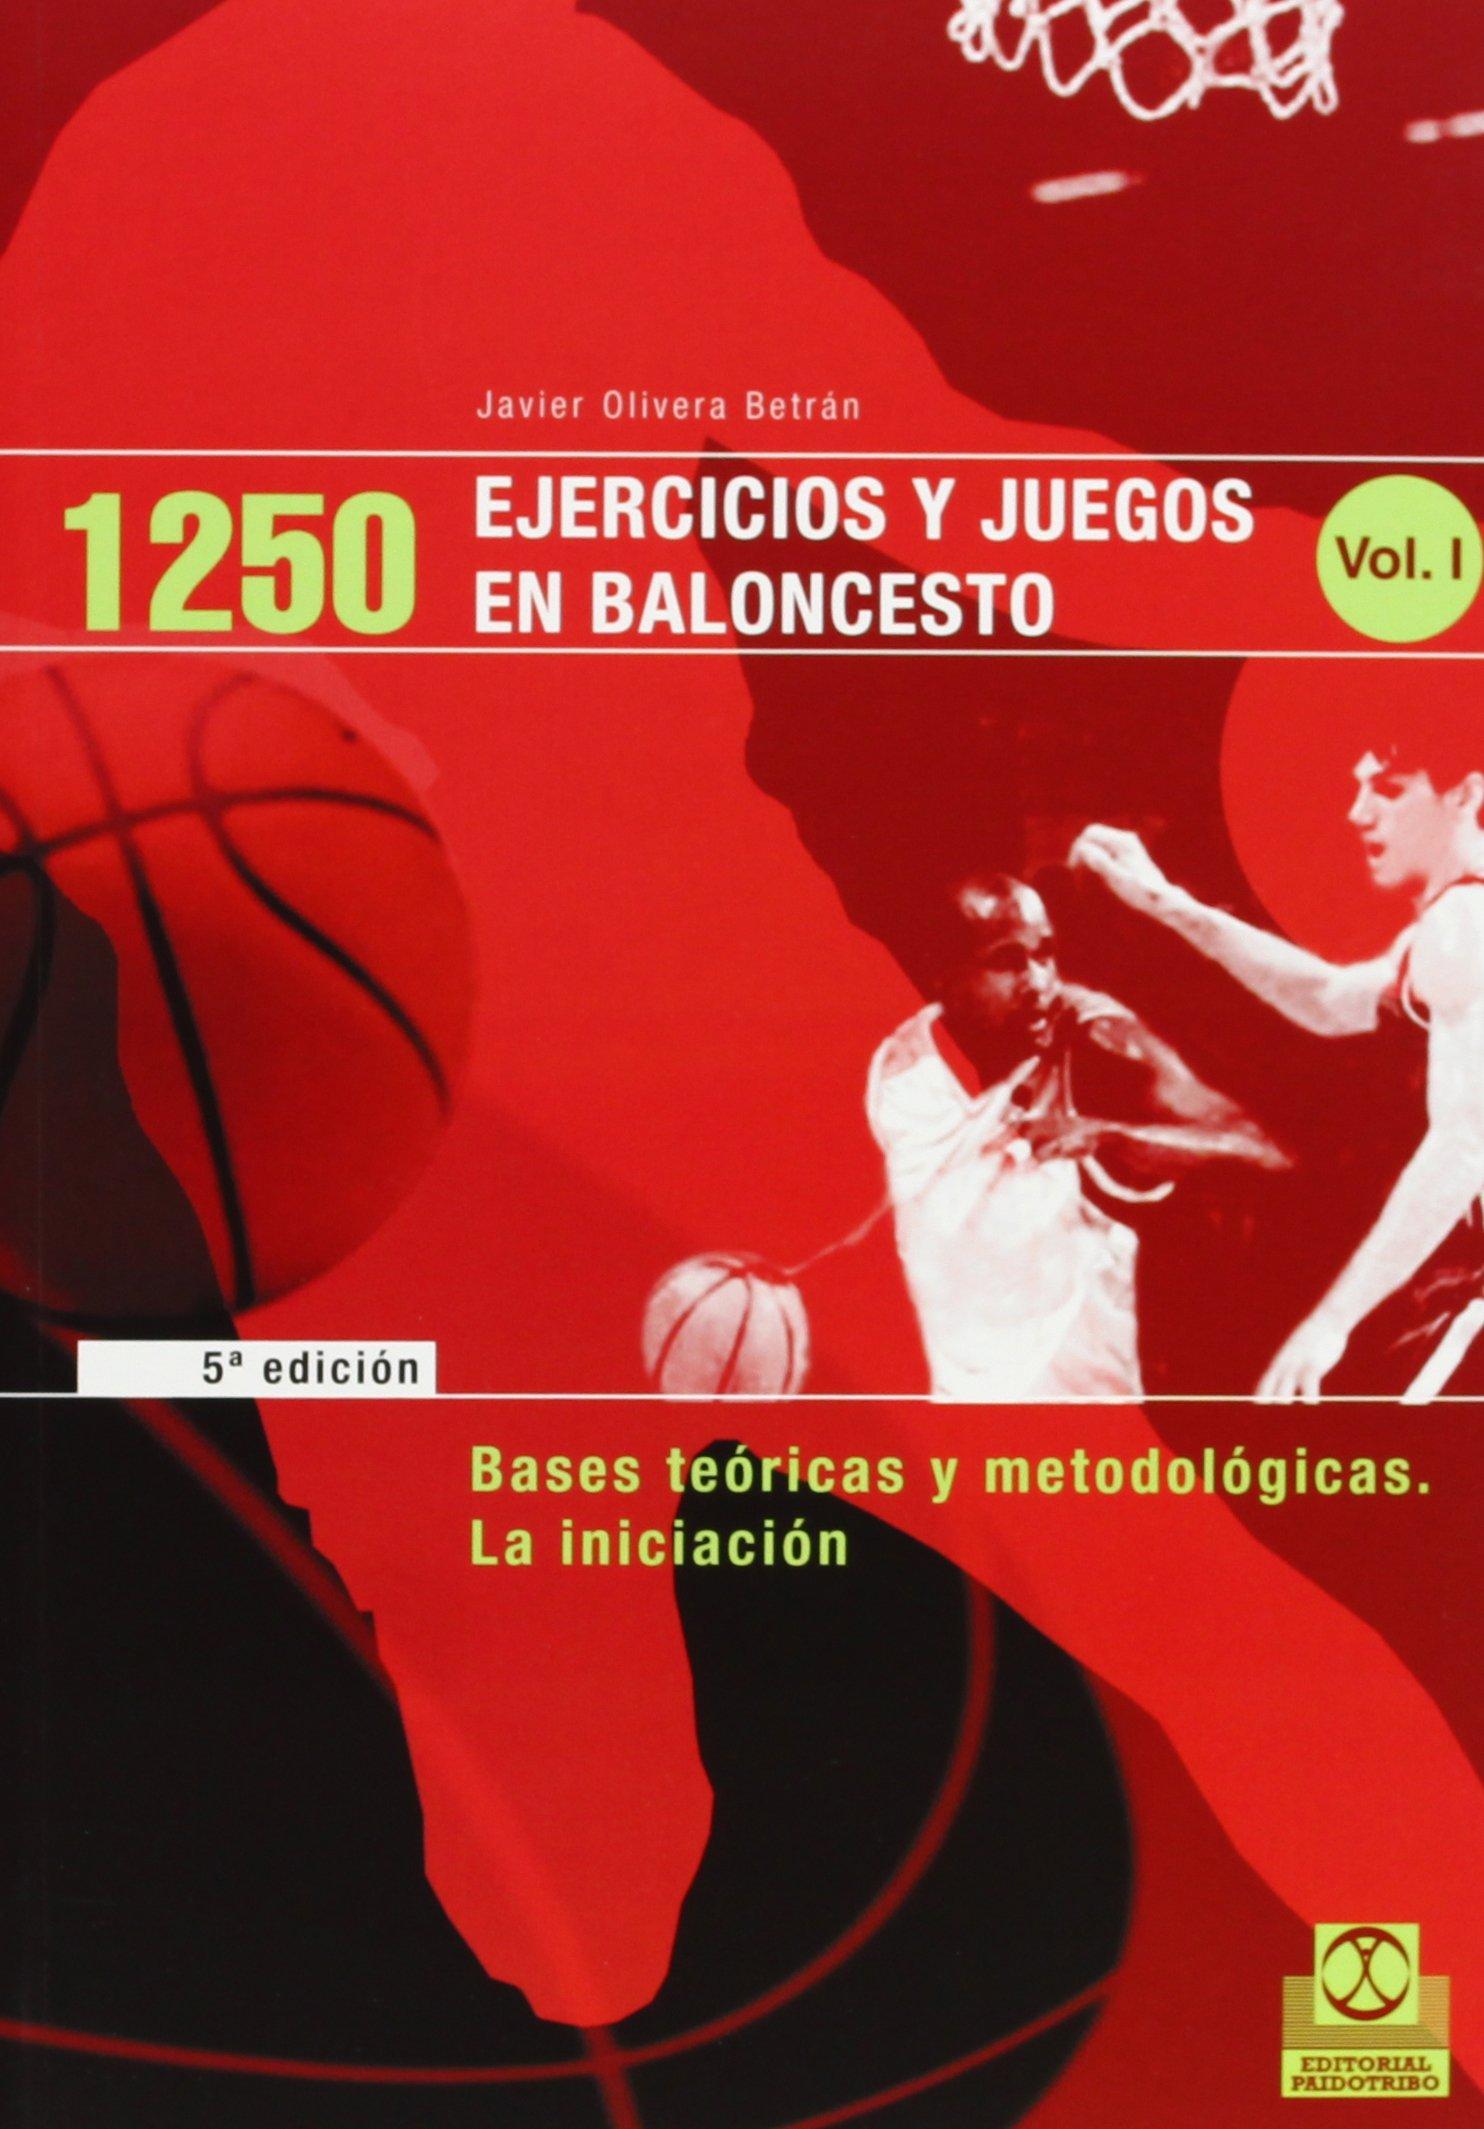 1250 Ejercicios y Juegos de Baloncesto - 3 Tomos (Spanish Edition)